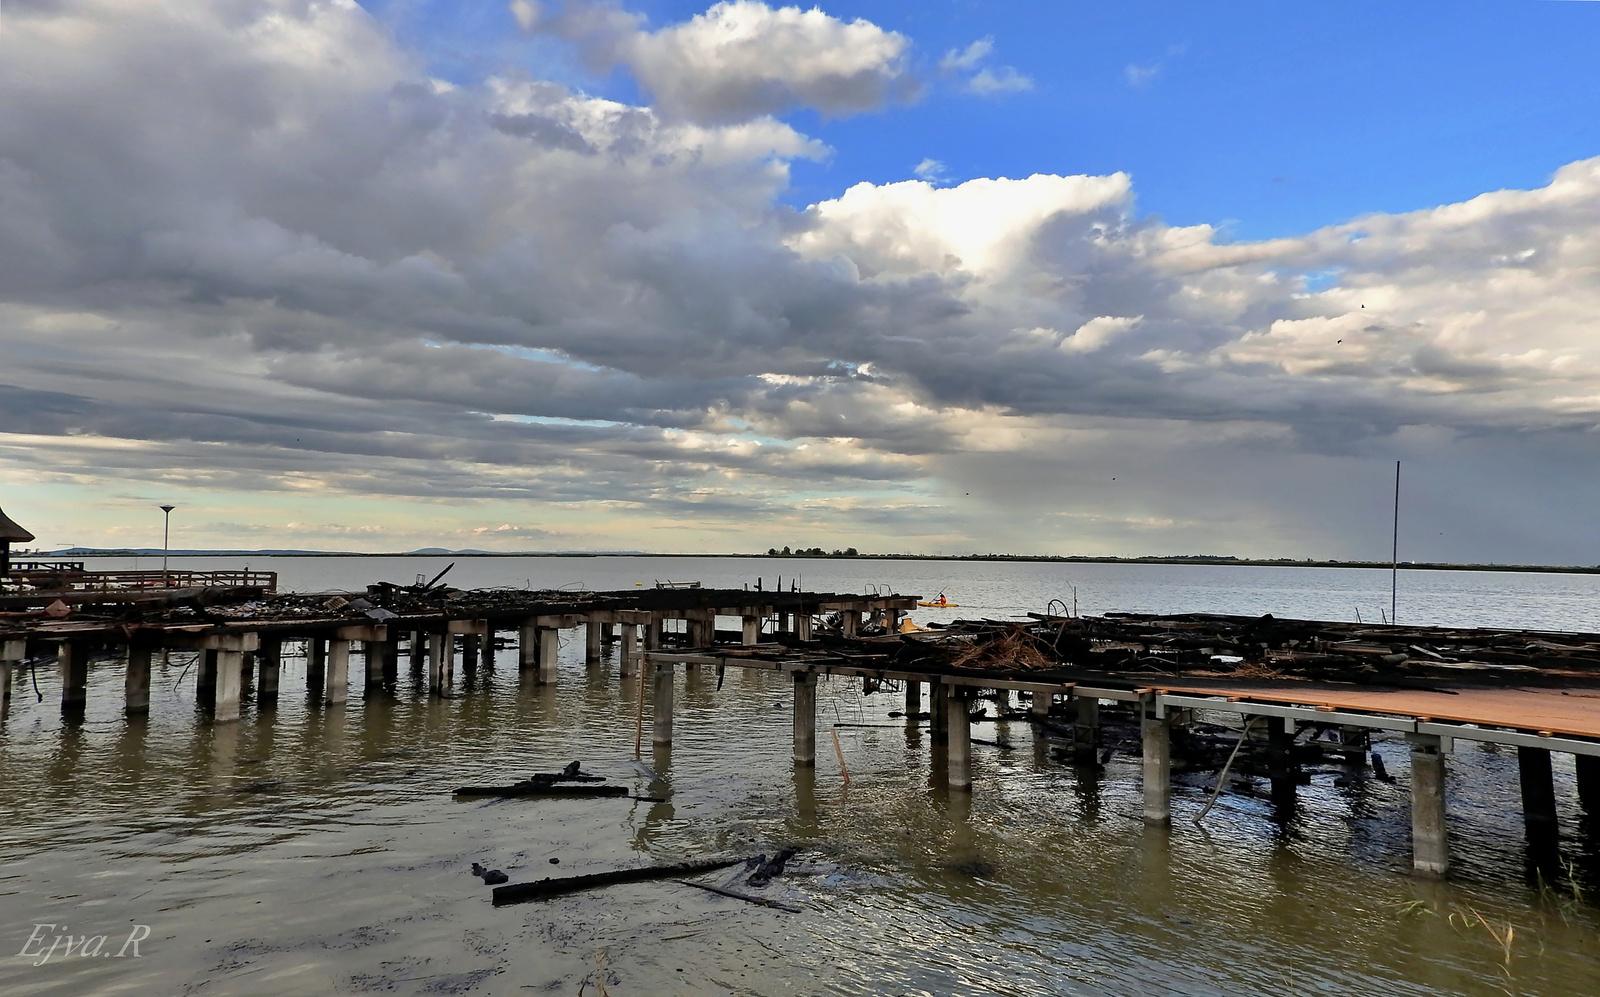 Porig égve / Fertő tó Csónakházak Tűz után